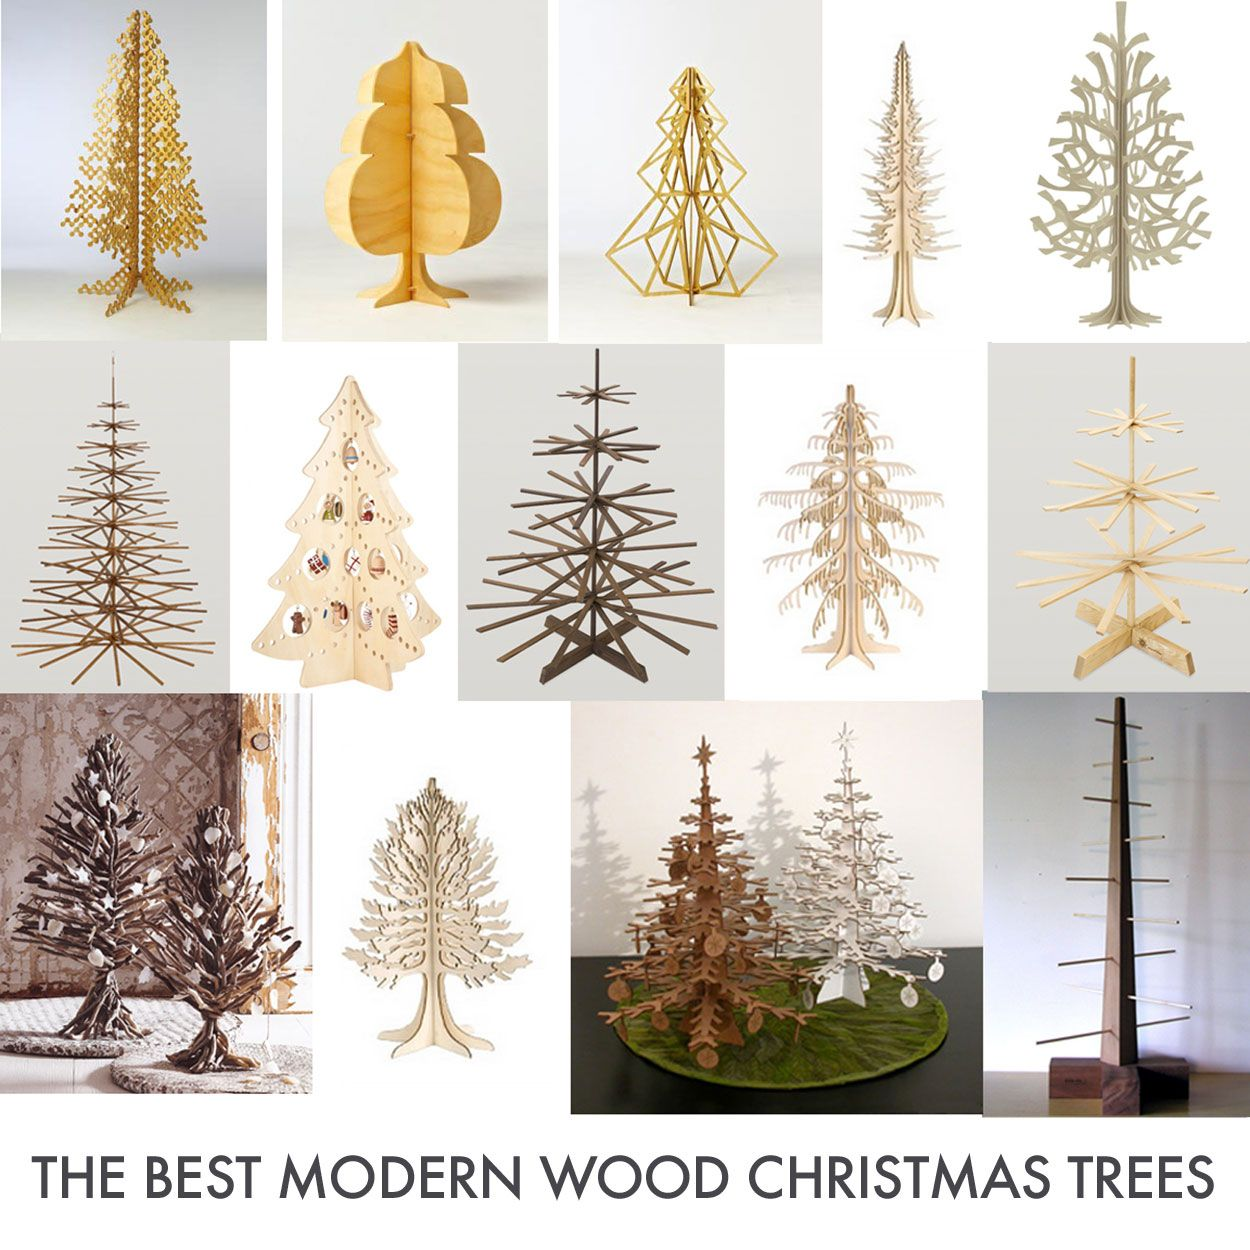 Flat Pack Felt Plywood Christmas Tree Inspiration Wood Christmas Tree Modern Christmas Tree Alternative Christmas Tree